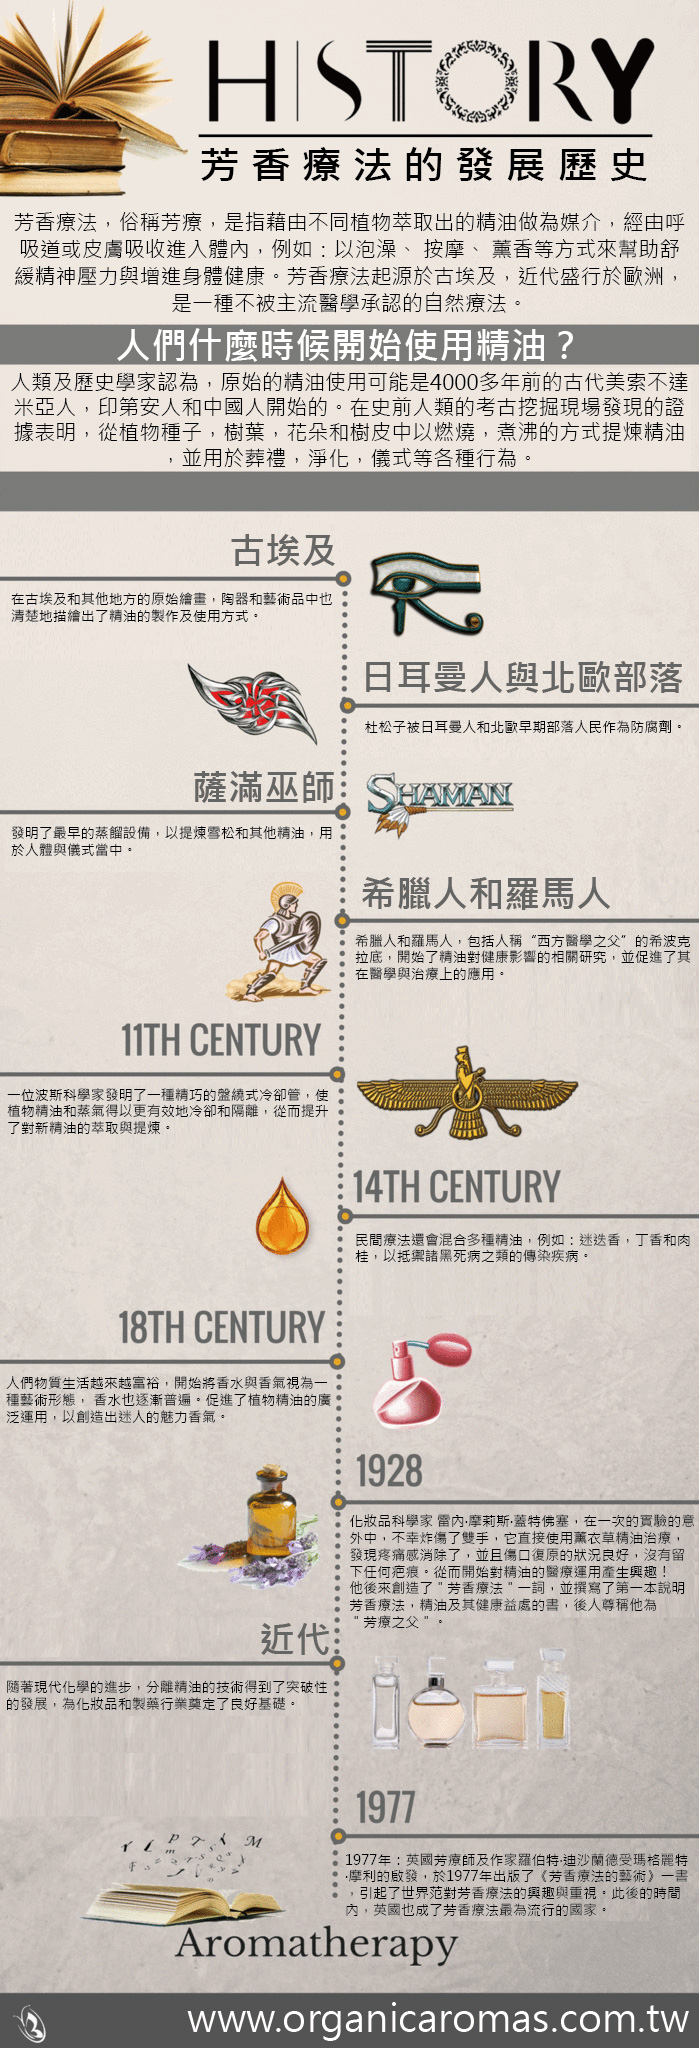 芳香療法的發展歷史